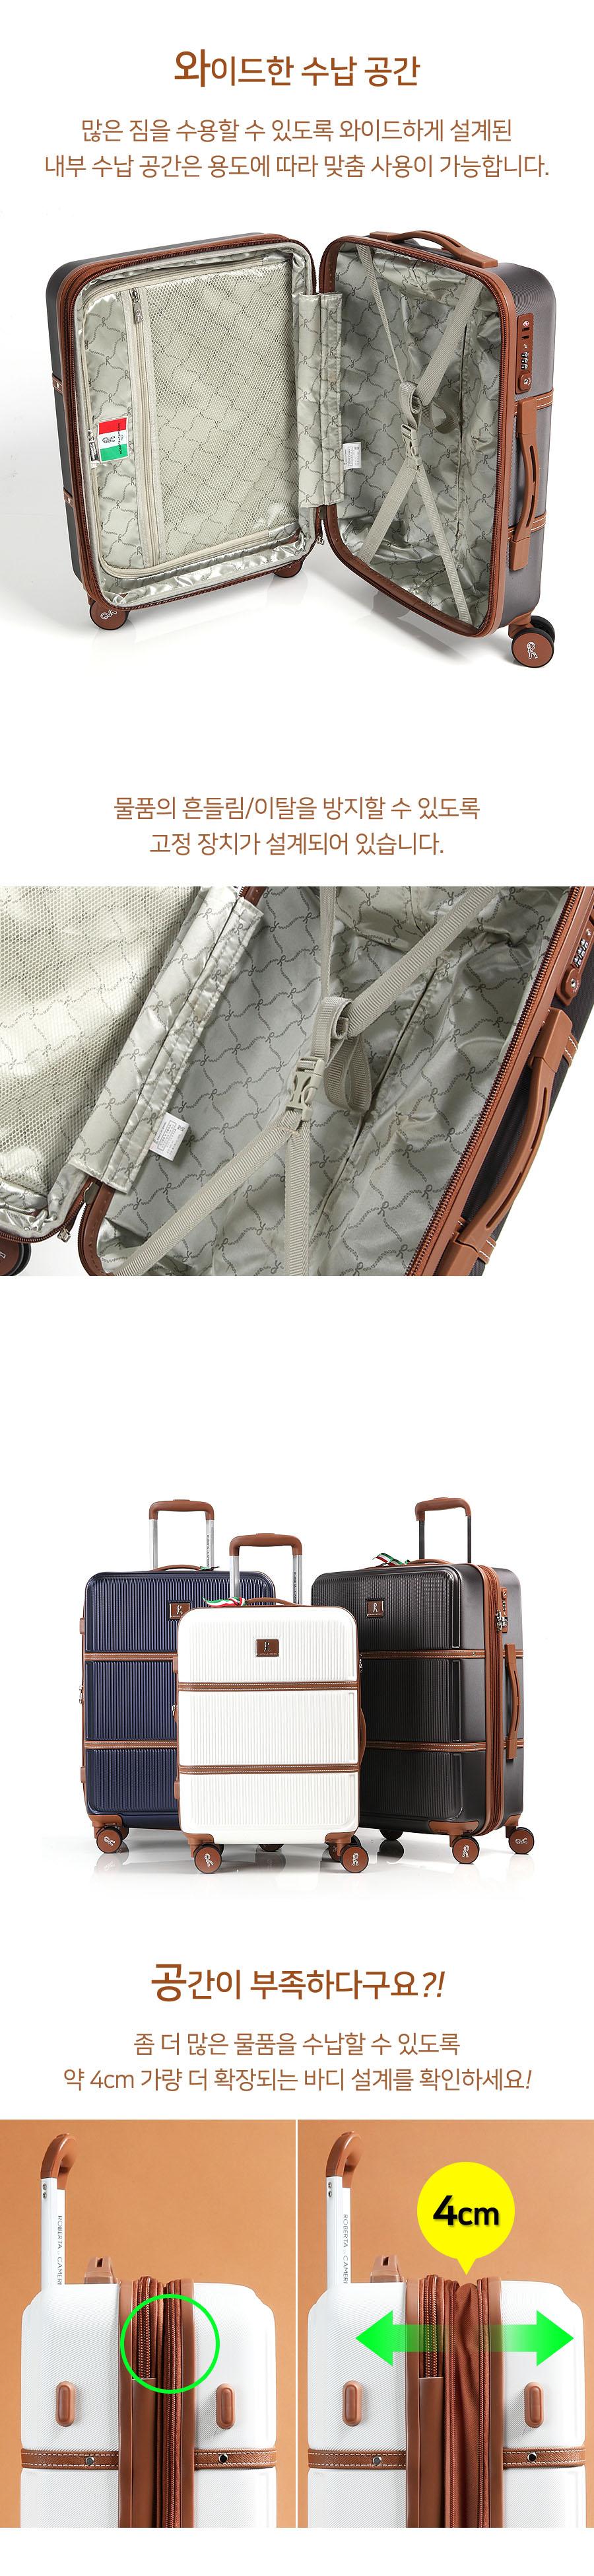 로베르타 RAB053 19형 기내용 캐리어 여행용캐리어 여행가방 - 던롭, 99,000원, 하드형, 기내용(20형) 이하